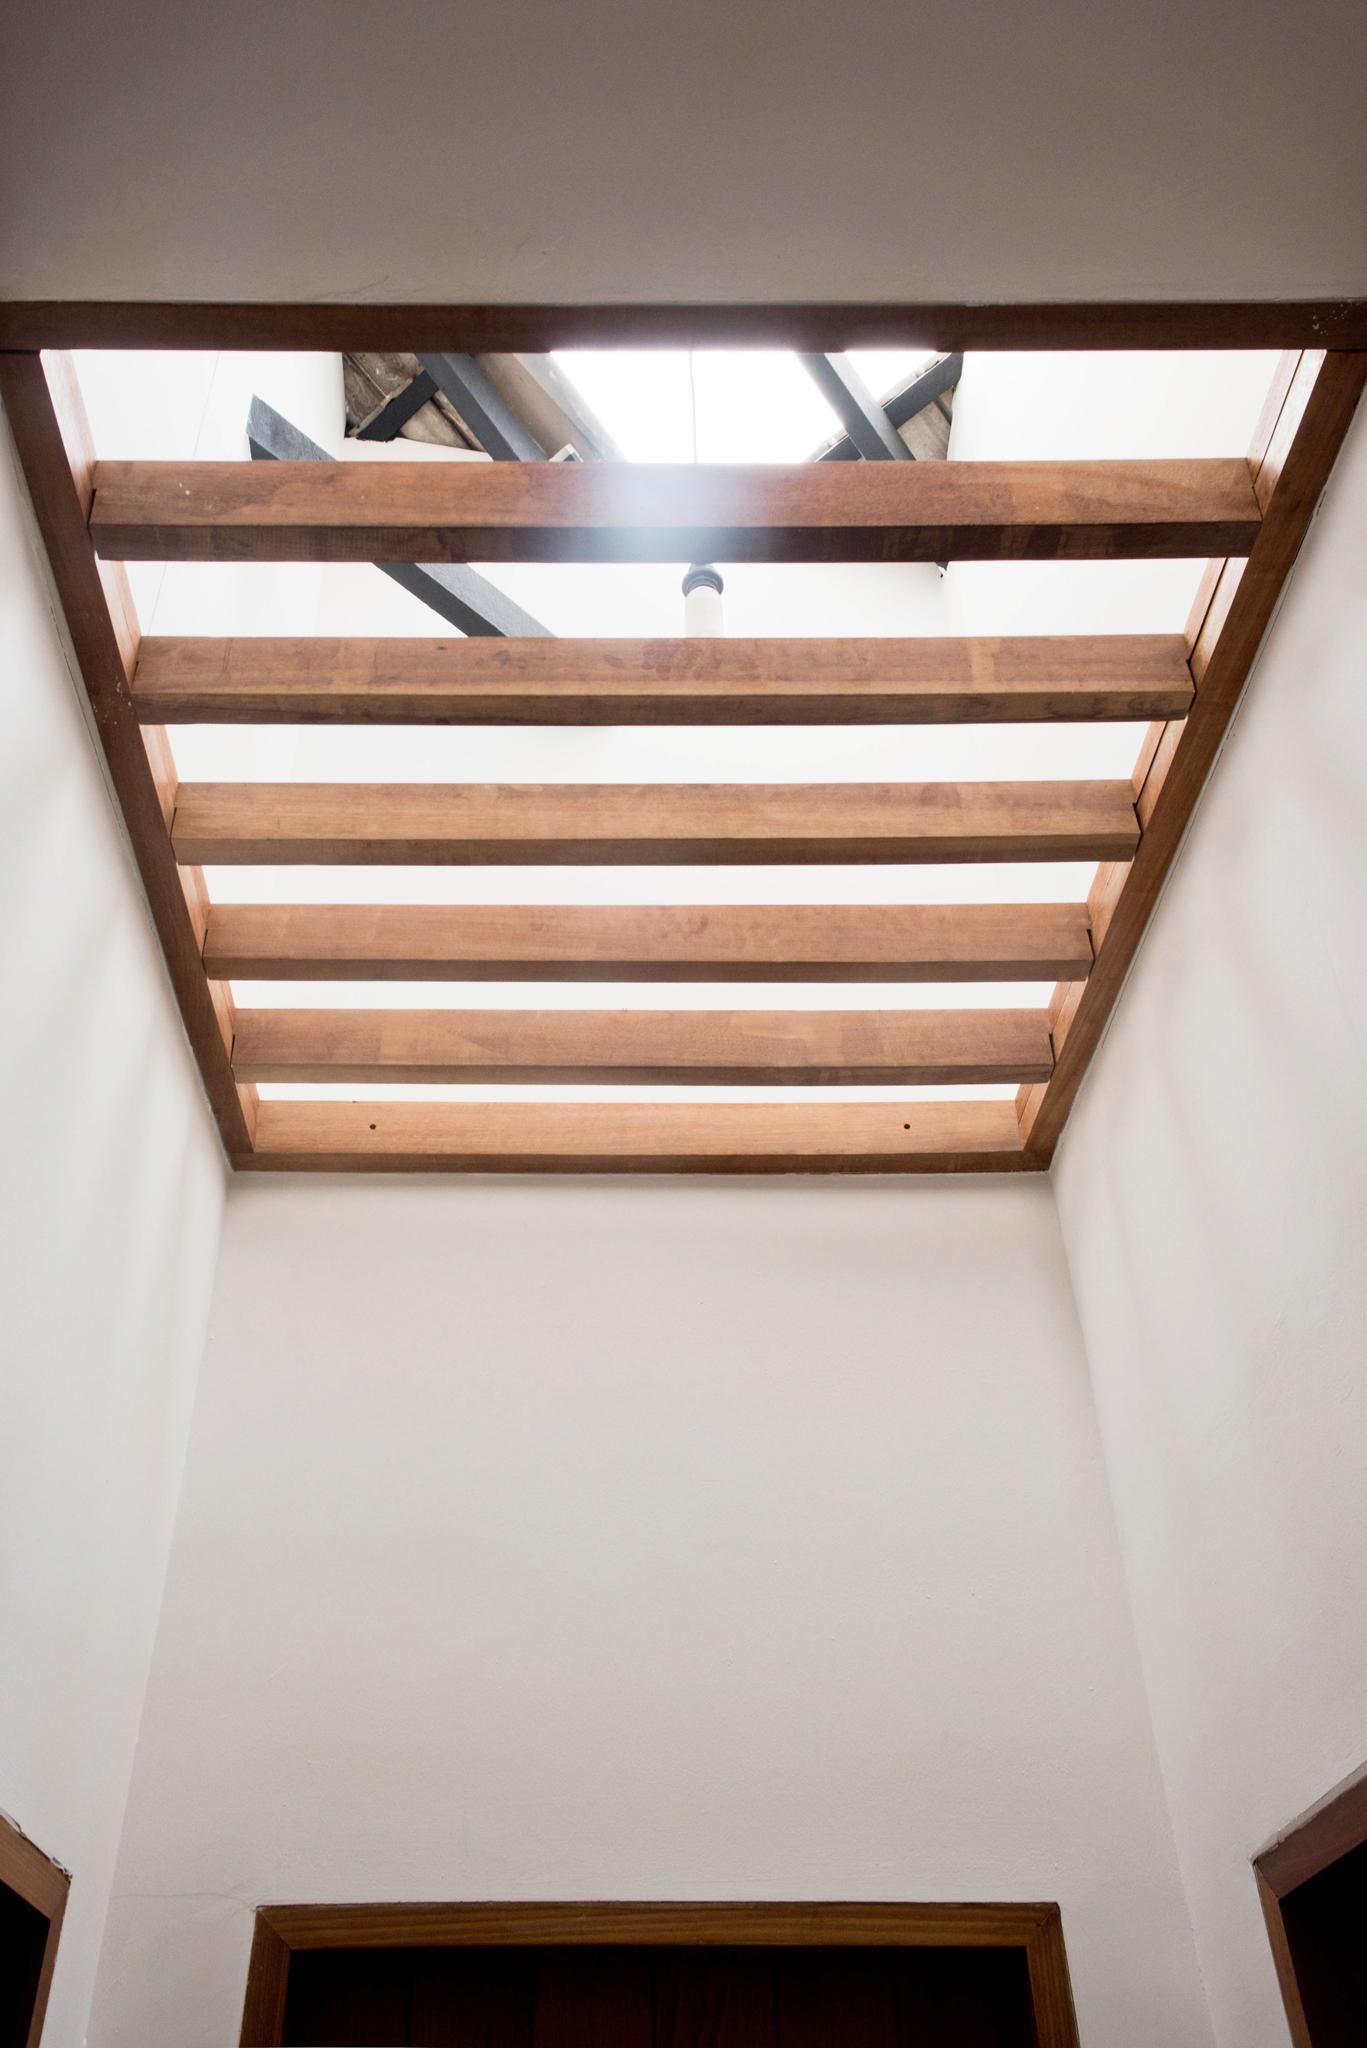 cr_skylight